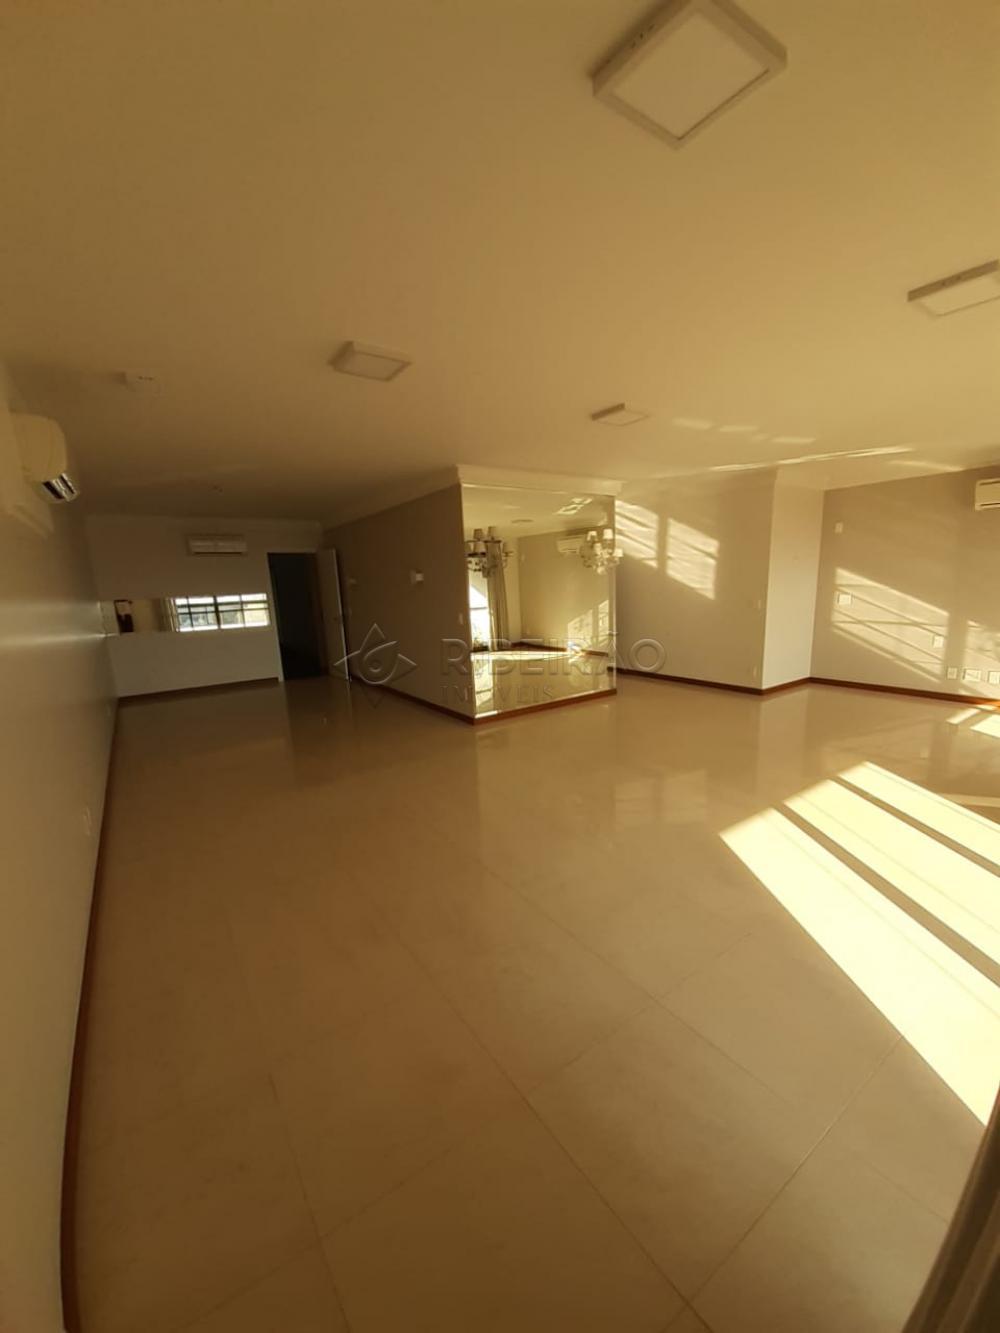 Comprar Apartamento / Padrão em Ribeirão Preto apenas R$ 1.400.000,00 - Foto 3